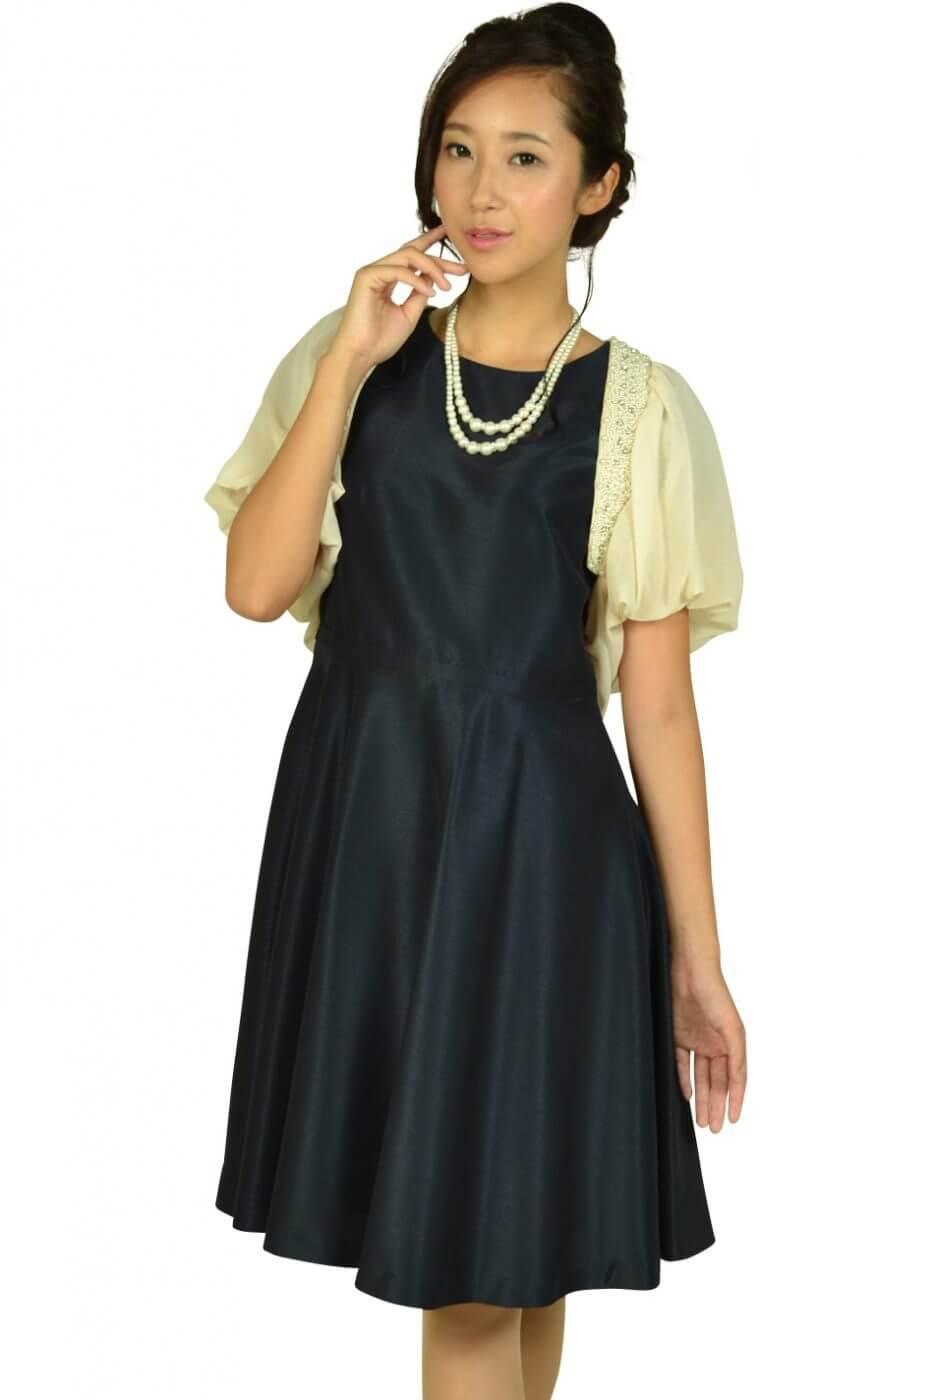 ニジュウサンク(23区)袖付きシンプルネイビードレスセット